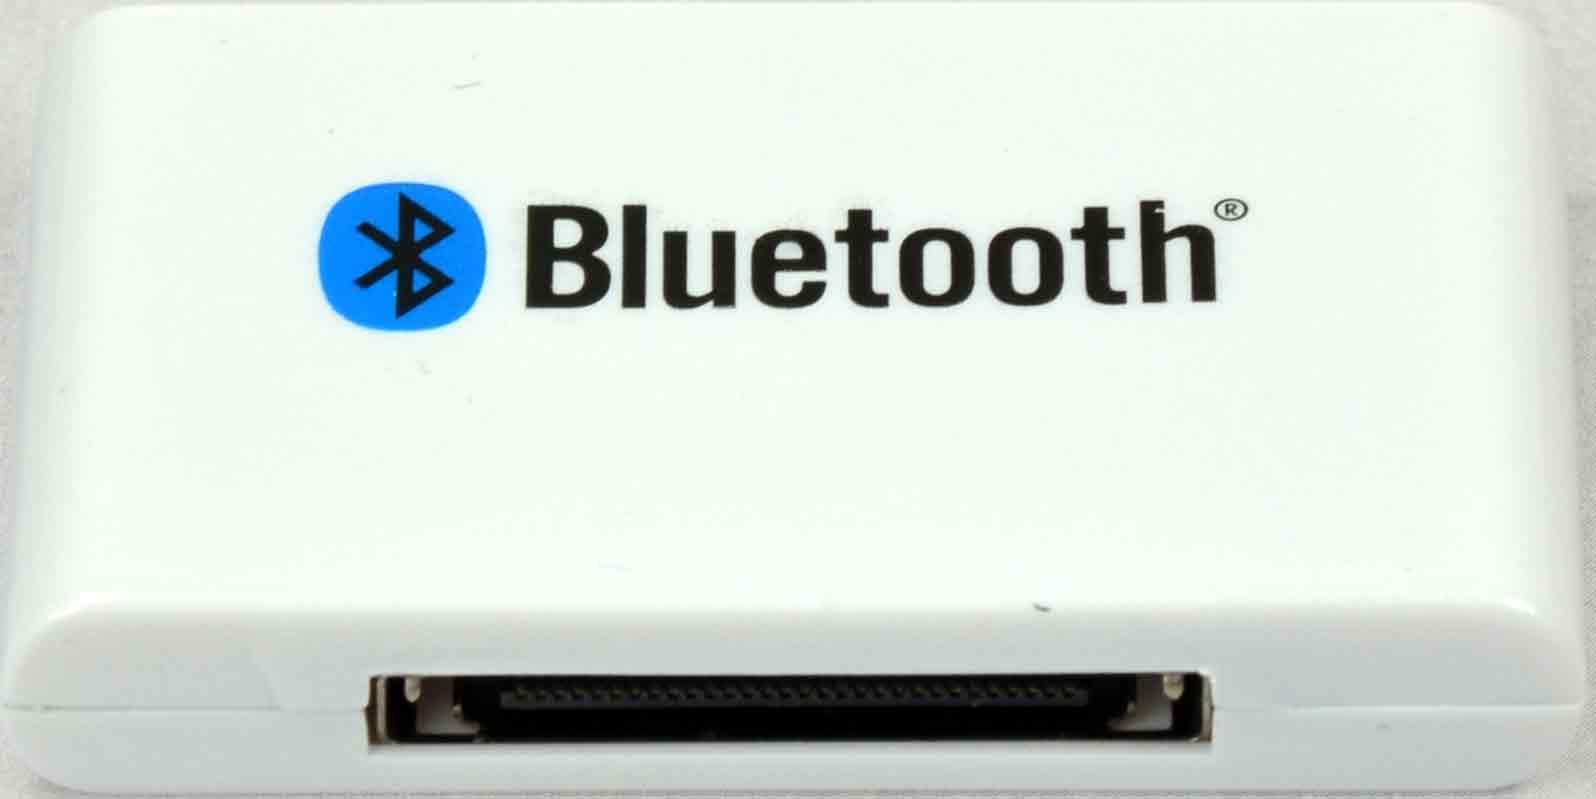 Ohmega Bluetooth receiver